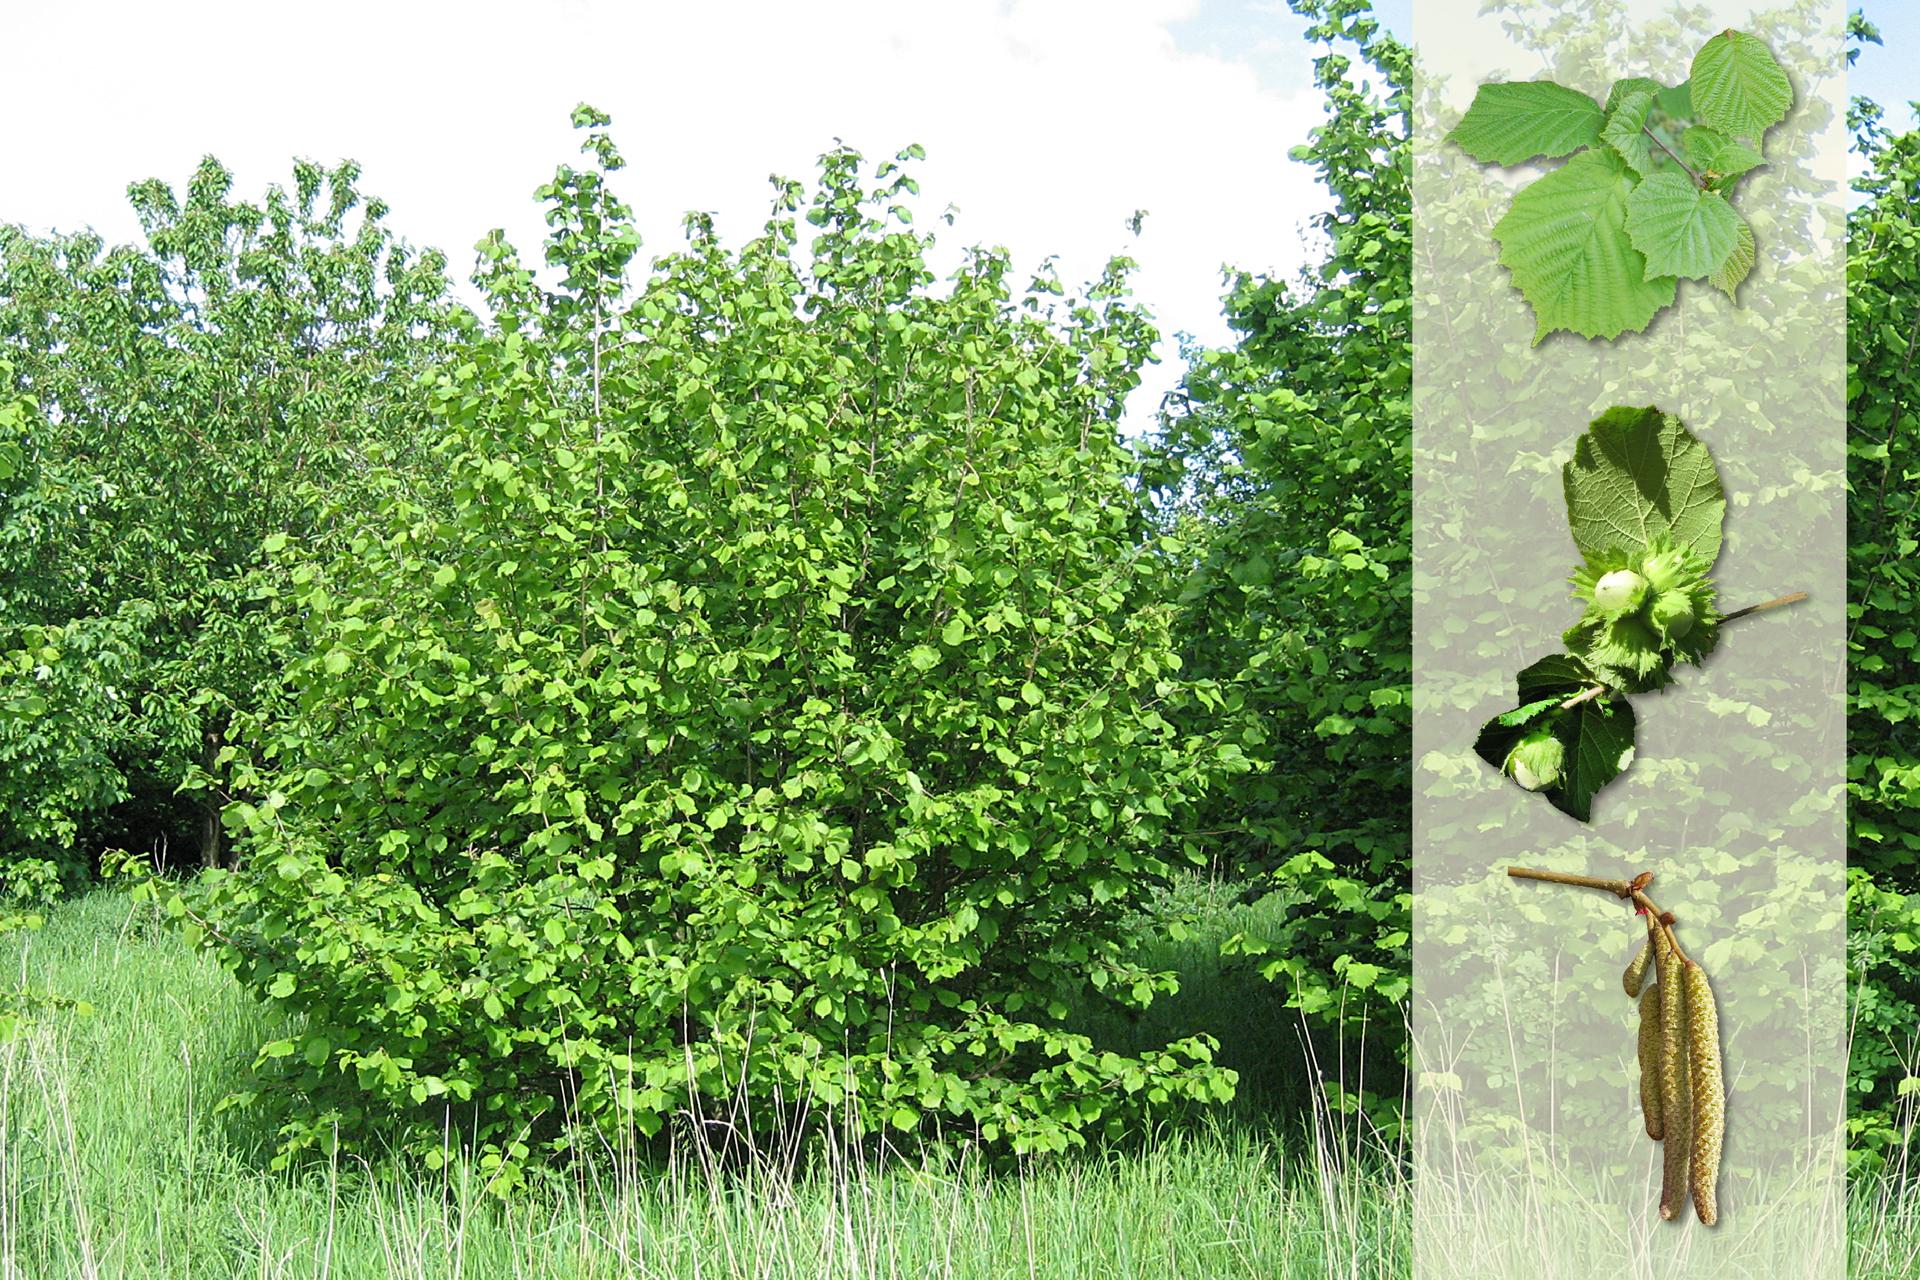 Fotografia przedstawia trzy krzewy leszczyny na łące. Zprawej strony nałożony jaśniejszy pasek zfotografiami. Ugóry szerokie liście. Wśrodku zielone, niedojrzałe owoce – orzechy laskowe. Udołu gałązka zwalcowatymi, brązowymi, zwisającymi kwiatostanami.